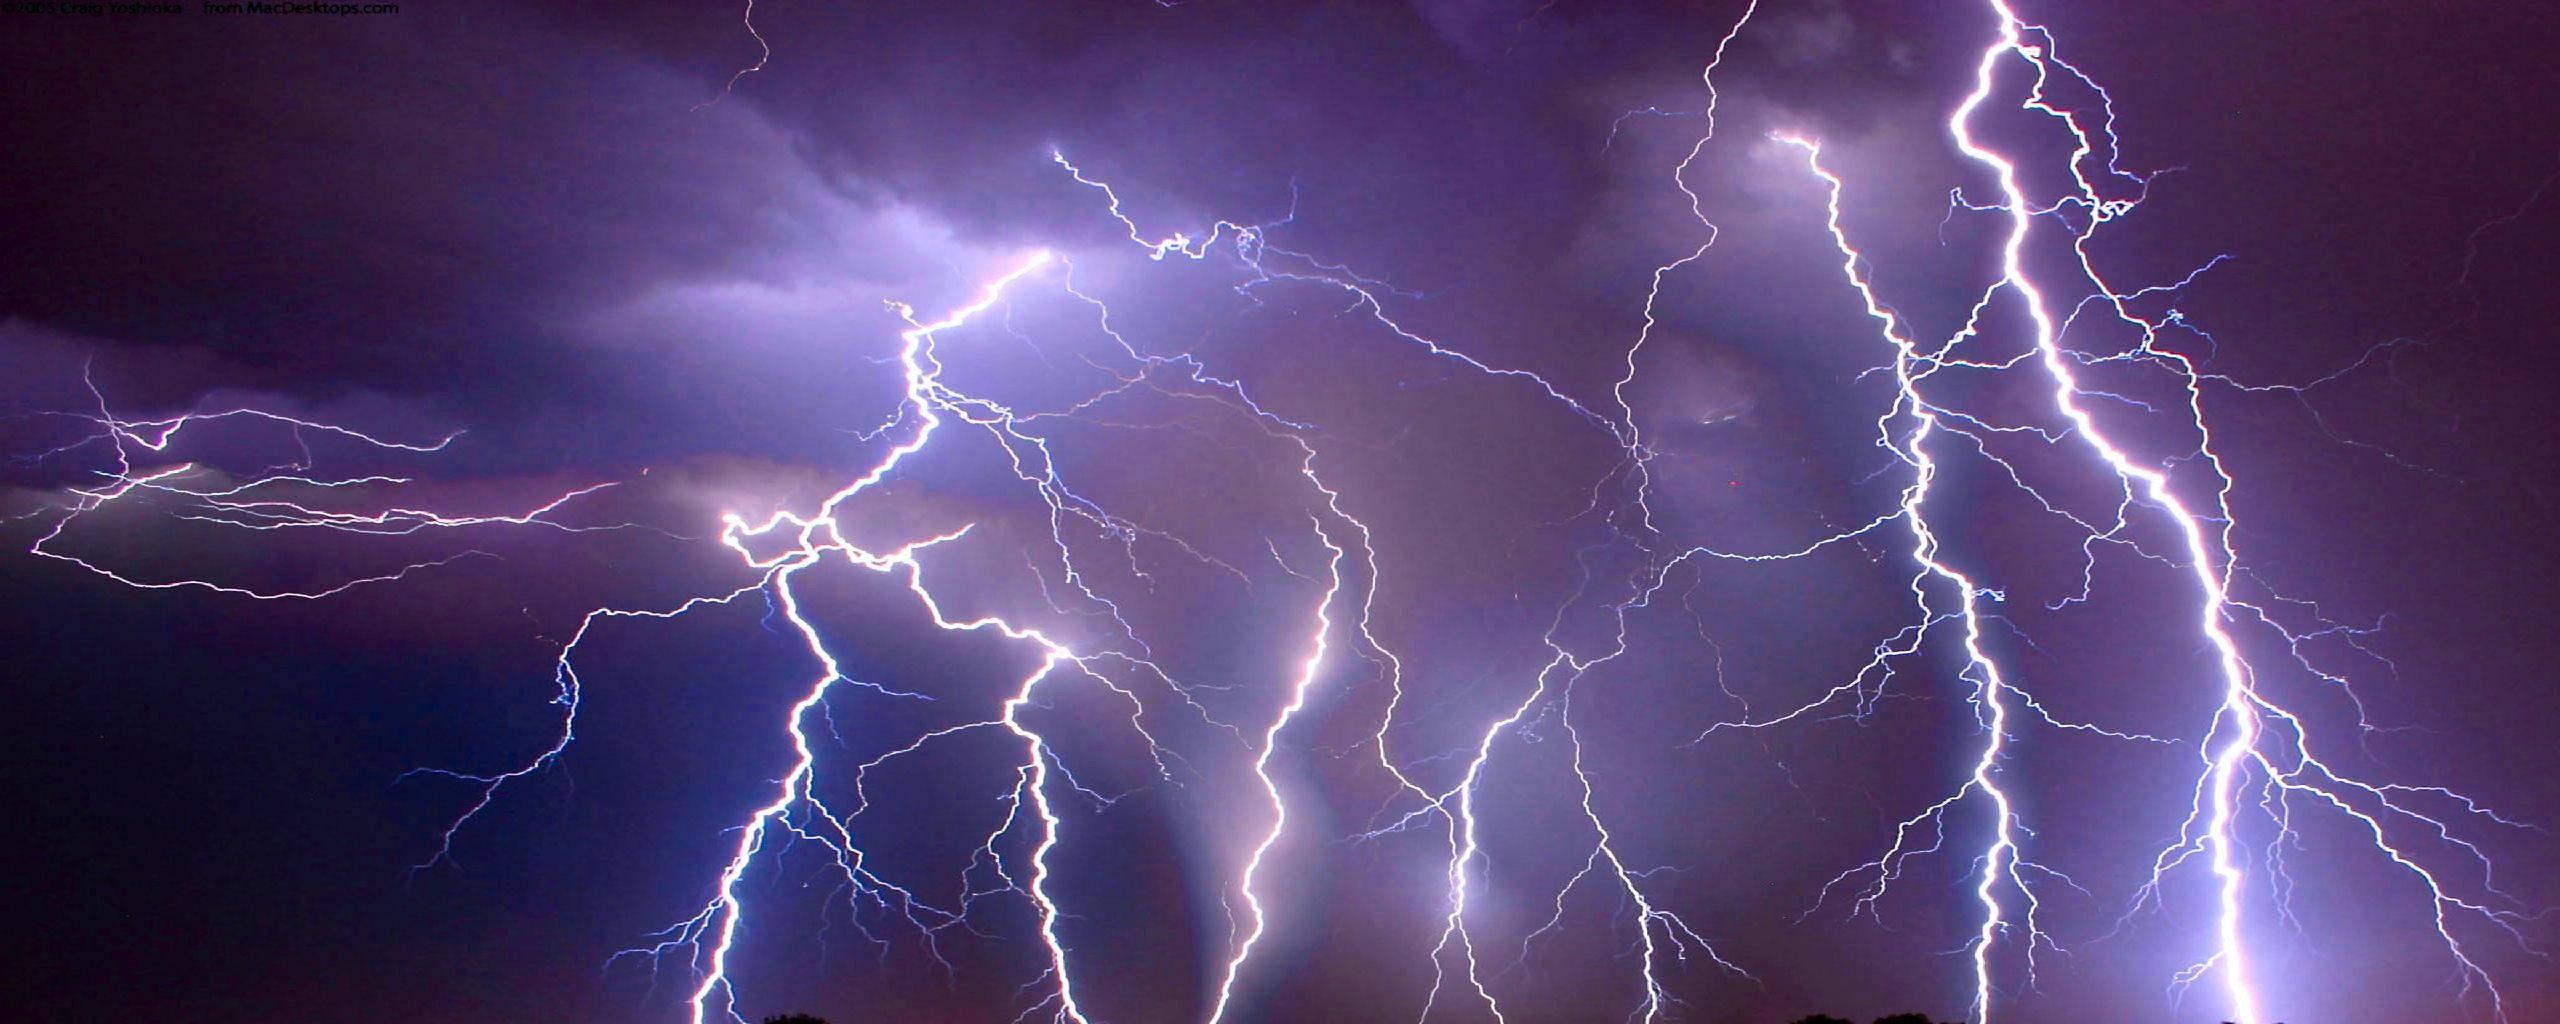 Storm Lightning 25601024 Wallpaper 785566 2560x1024